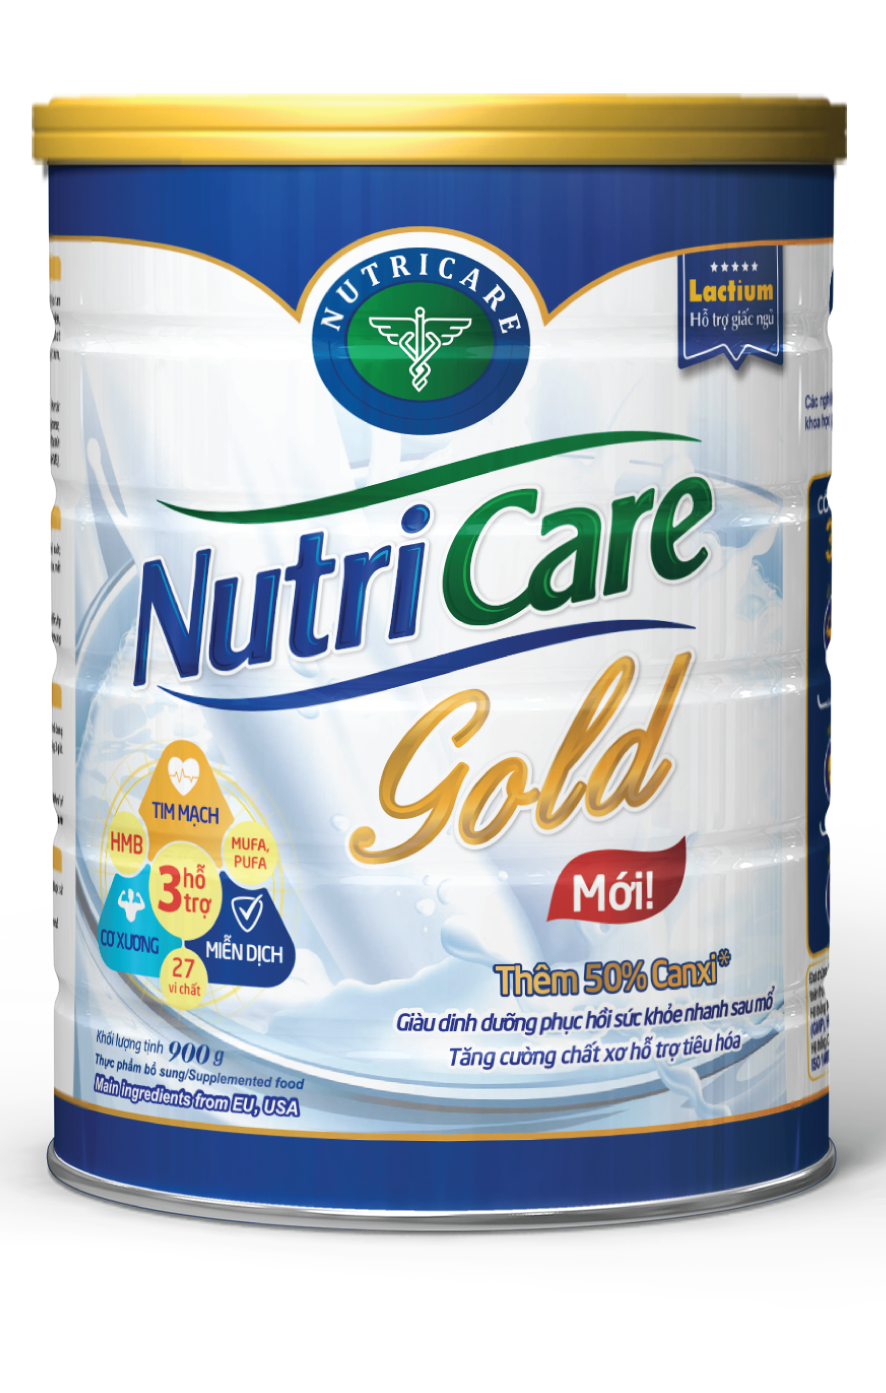 NUTRICARE GOLD - Nutricare - Thương hiệu quốc gia Dinh dưỡng Y học